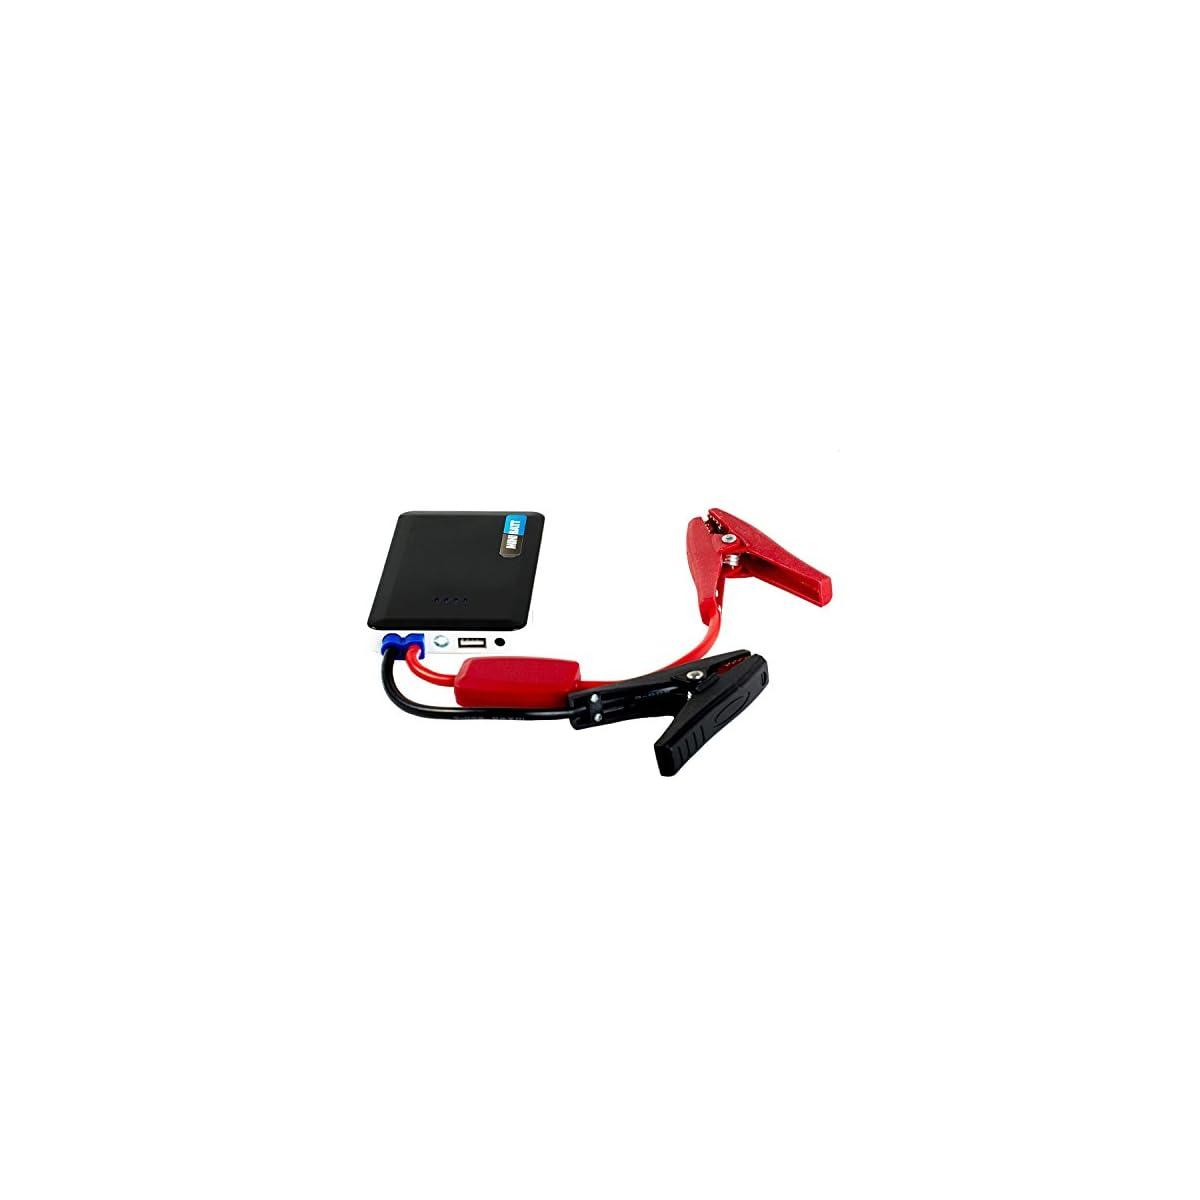 41ep7WFKY4L. SS1200  - Minibatt Pocket - Arrancador y Cargador de batería